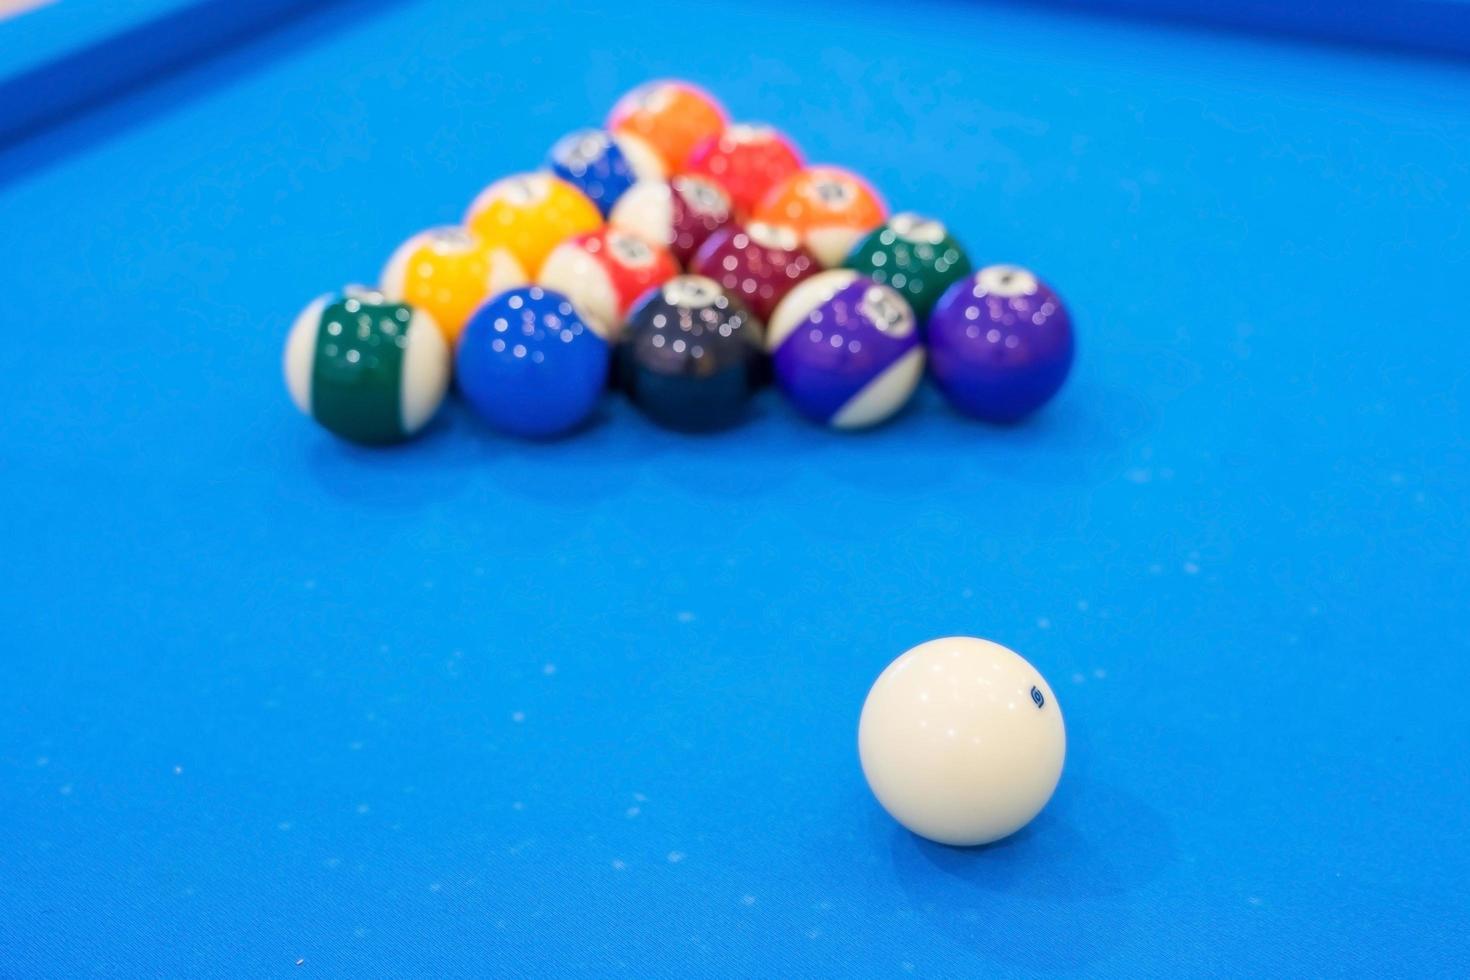 palle da biliardo sul tavolo blu foto